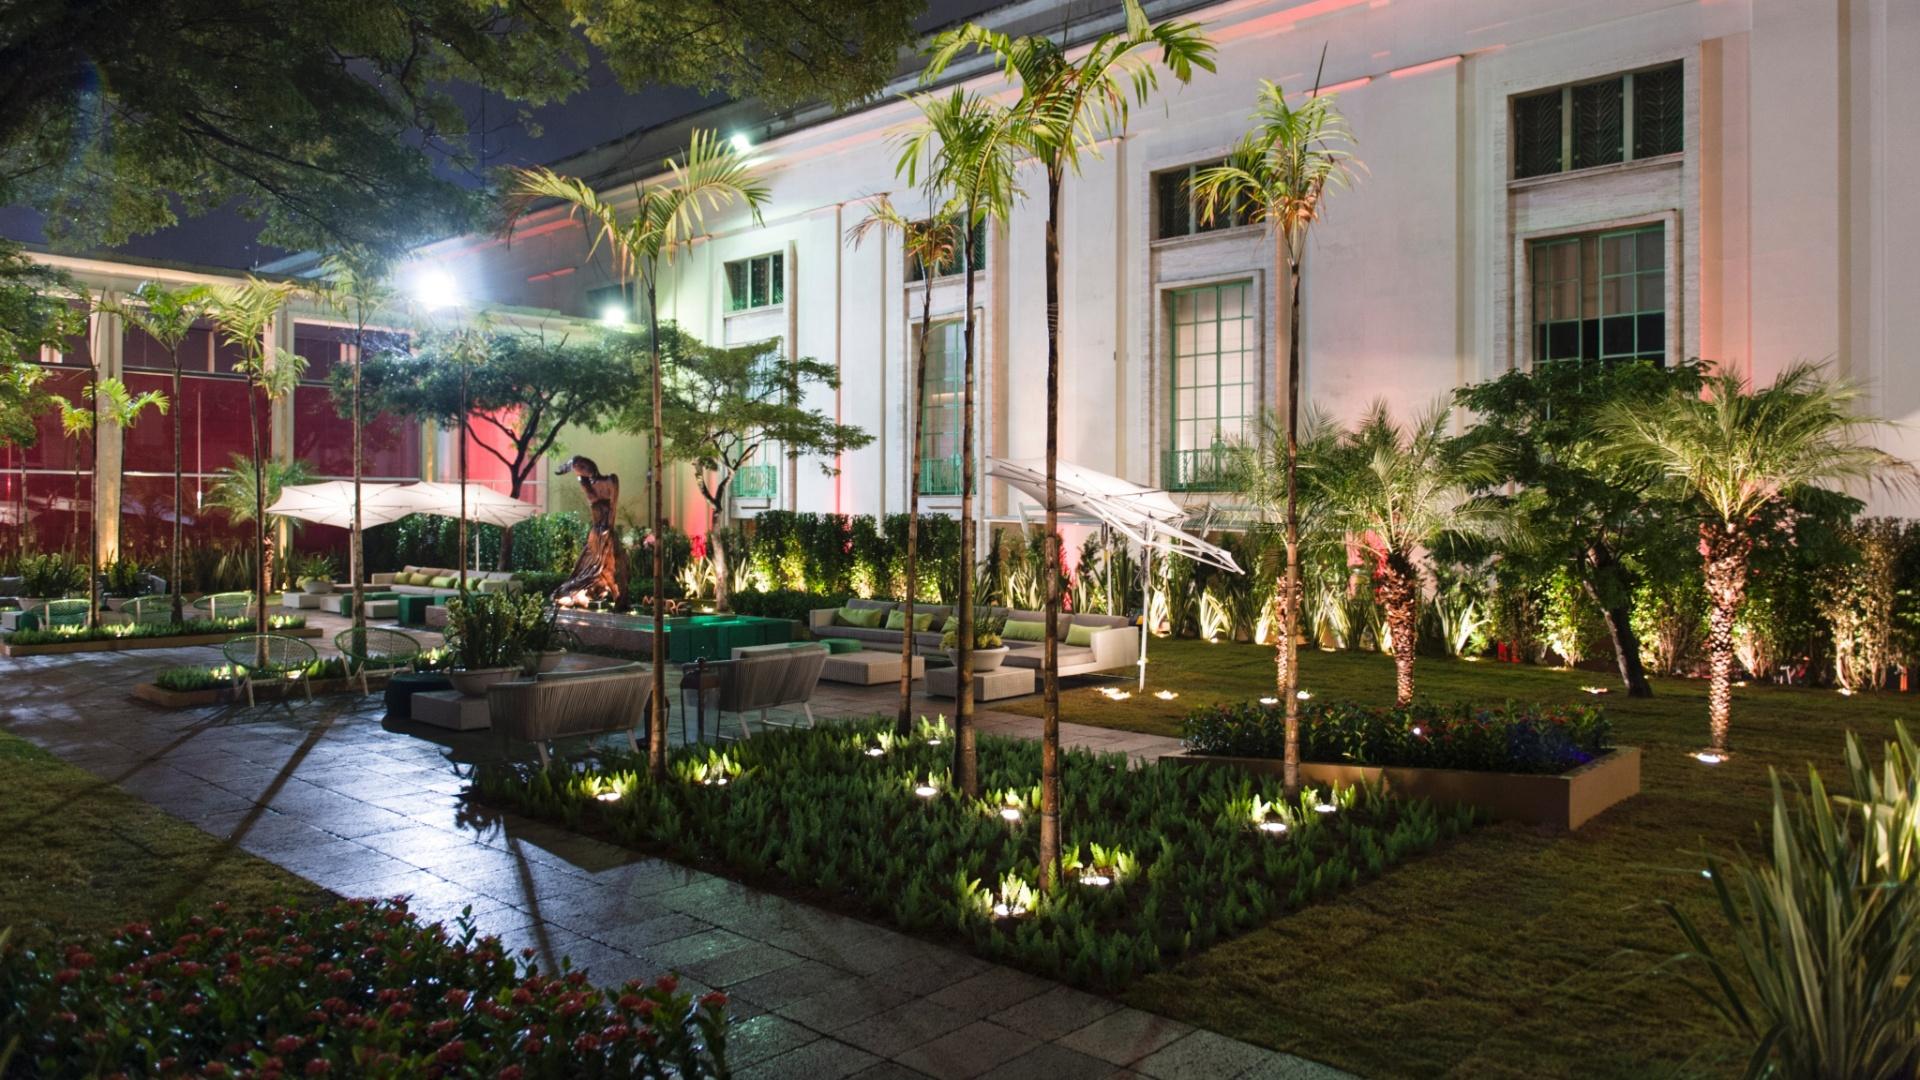 Criada pelos arquitetos e paisagistas Beatriz e Eduardo Fernandes Mera, a Praça Casa Cor homenageia a übermodel Gisele Bündchen. A iluminação cênica e a escultura criada por Bia Doria são os pontos altos do projeto